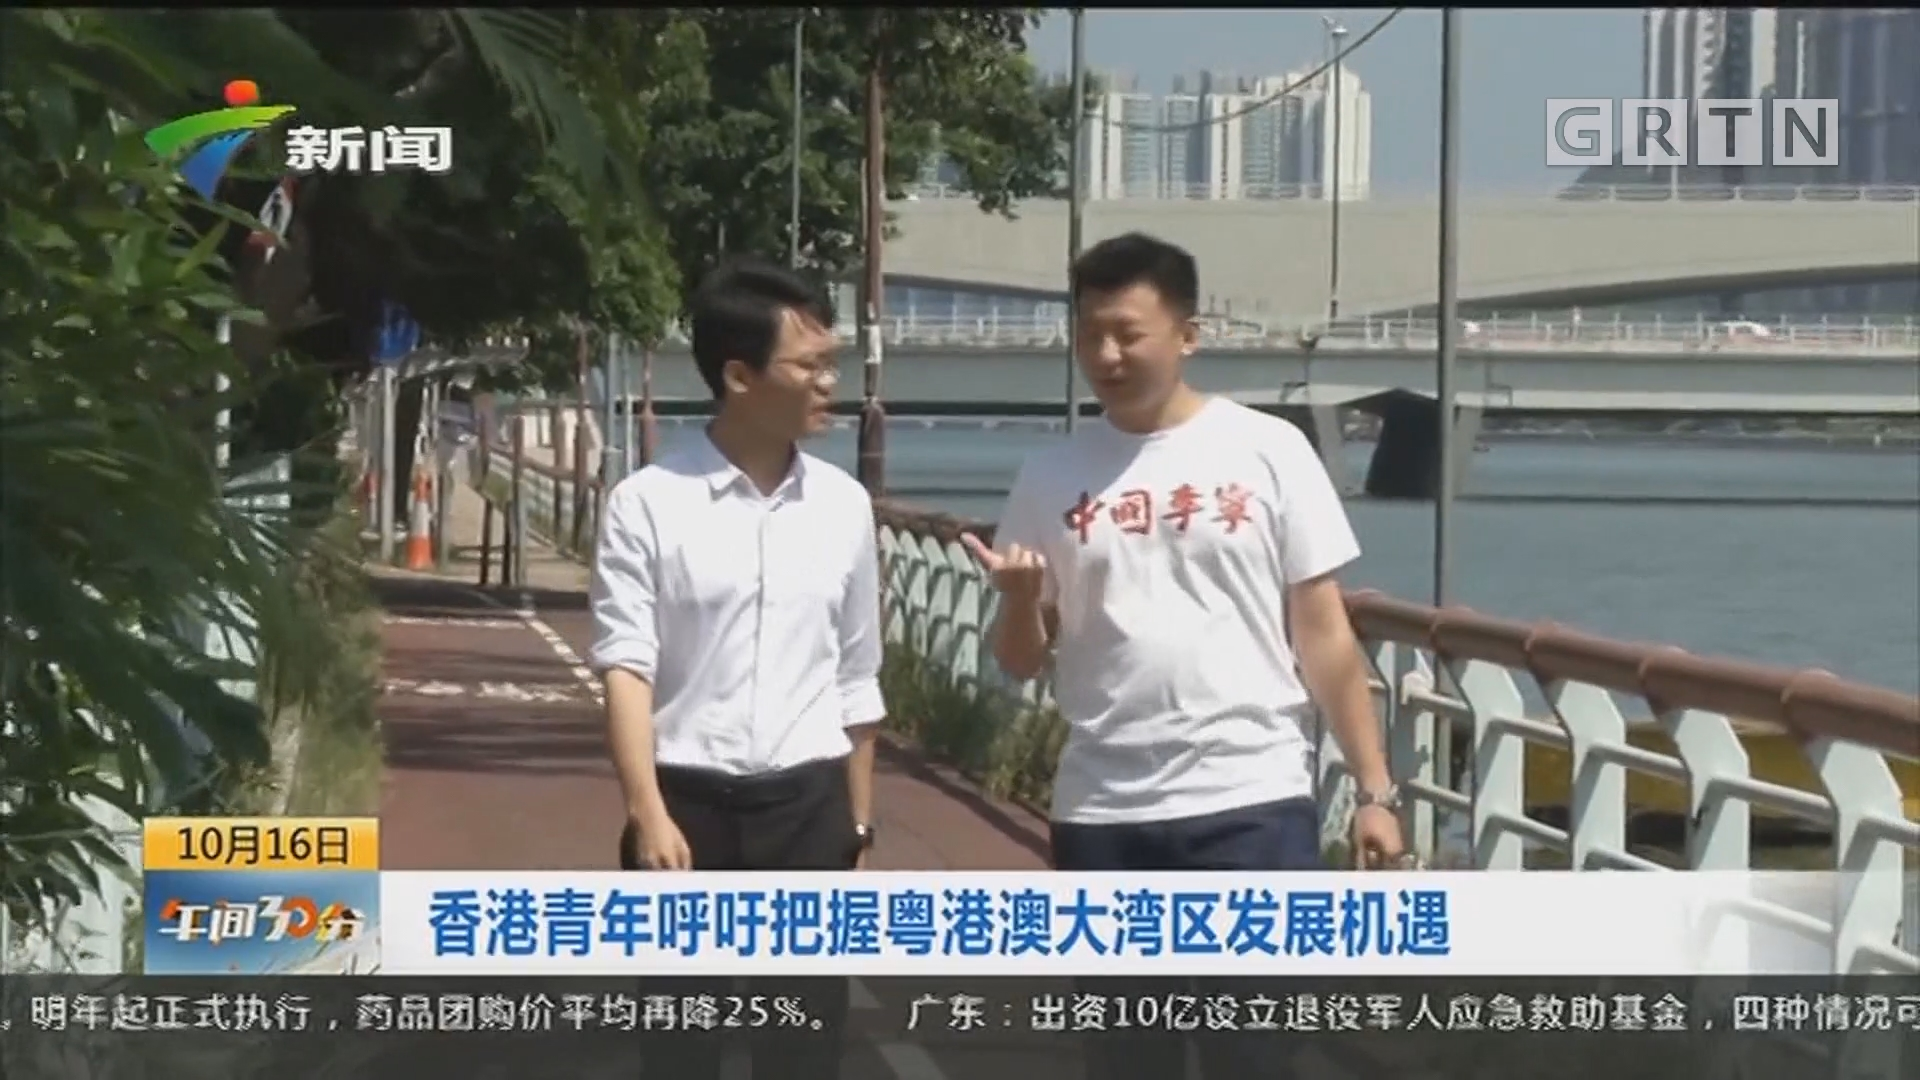 香港青年呼吁把握粵港澳大灣區發展機遇